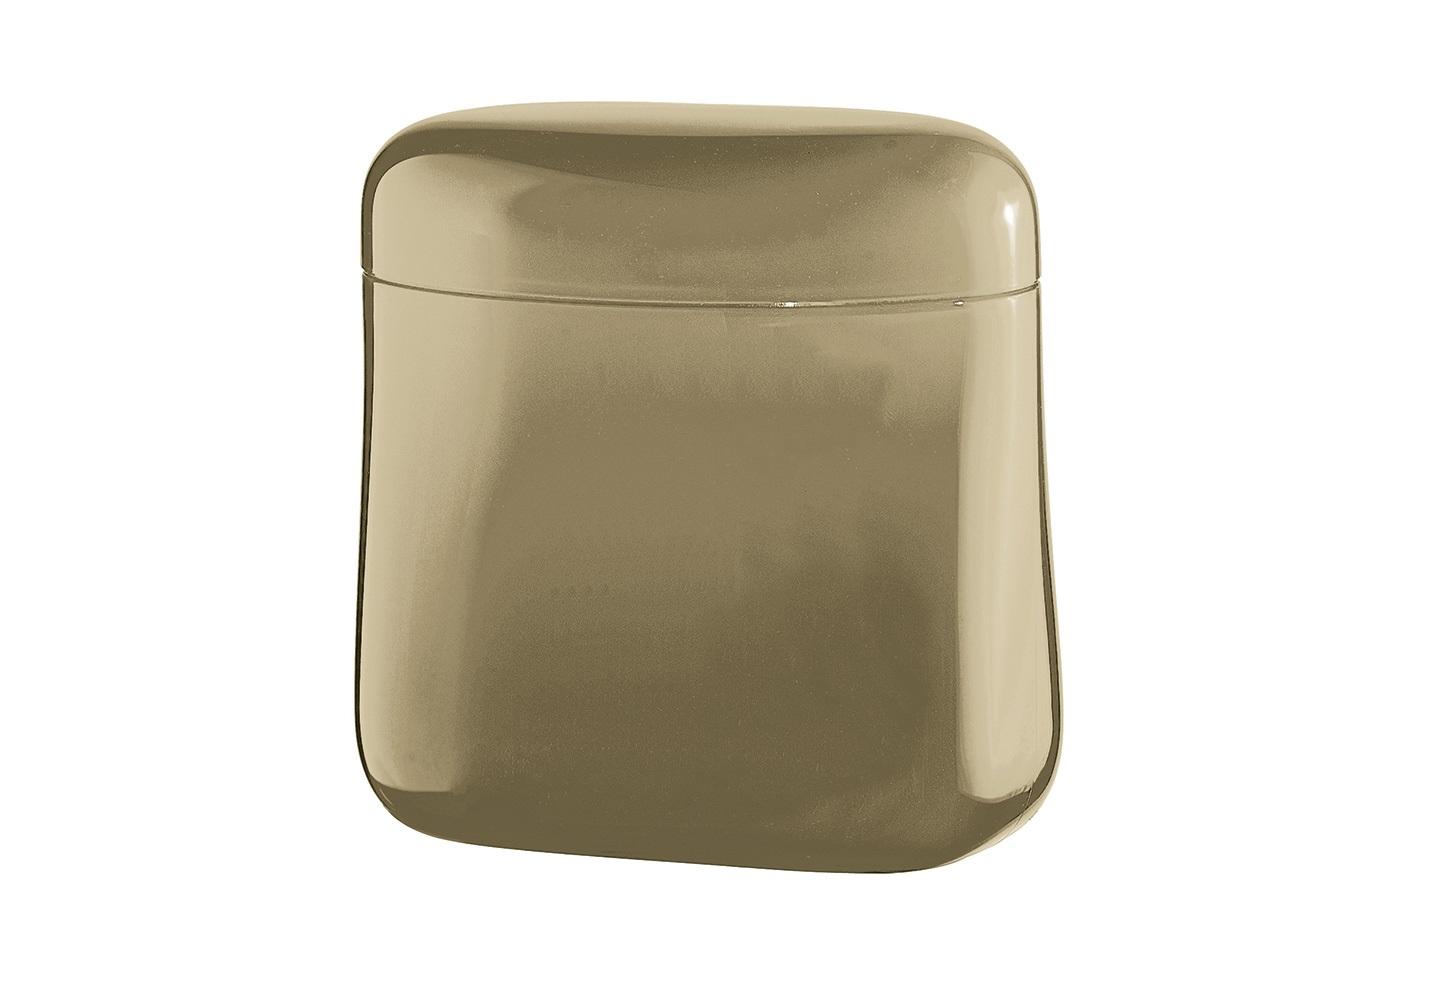 Банка для кофе GocceБанки и бутылки<br>Банка Gocce создана специально для длительного хранения кофе. Она изготовлена из органического стекла со светонепроницаемым покрытием для защиты от преждевременного разрушения. Крышка банки плотно закрывается, что позволит надолго сохранить вкус и аромат кофе. Благодаря своей компактности, ёмкость не займет много места в шкафу и идеально поместится в дверце холодильника. При желании её можно использовать для хранения не только кофе, но и других сыпучих продуктов.&amp;amp;nbsp;&amp;amp;nbsp;&amp;lt;div&amp;gt;&amp;lt;br&amp;gt;&amp;lt;/div&amp;gt;&amp;lt;div&amp;gt;Объем 700 мл.&amp;amp;nbsp;&amp;lt;/div&amp;gt;&amp;lt;div&amp;gt;Пригодна для мытья в посудомоечной машине.&amp;lt;/div&amp;gt;<br><br>Material: Стекло<br>Width см: 14<br>Depth см: 8<br>Height см: 14,5